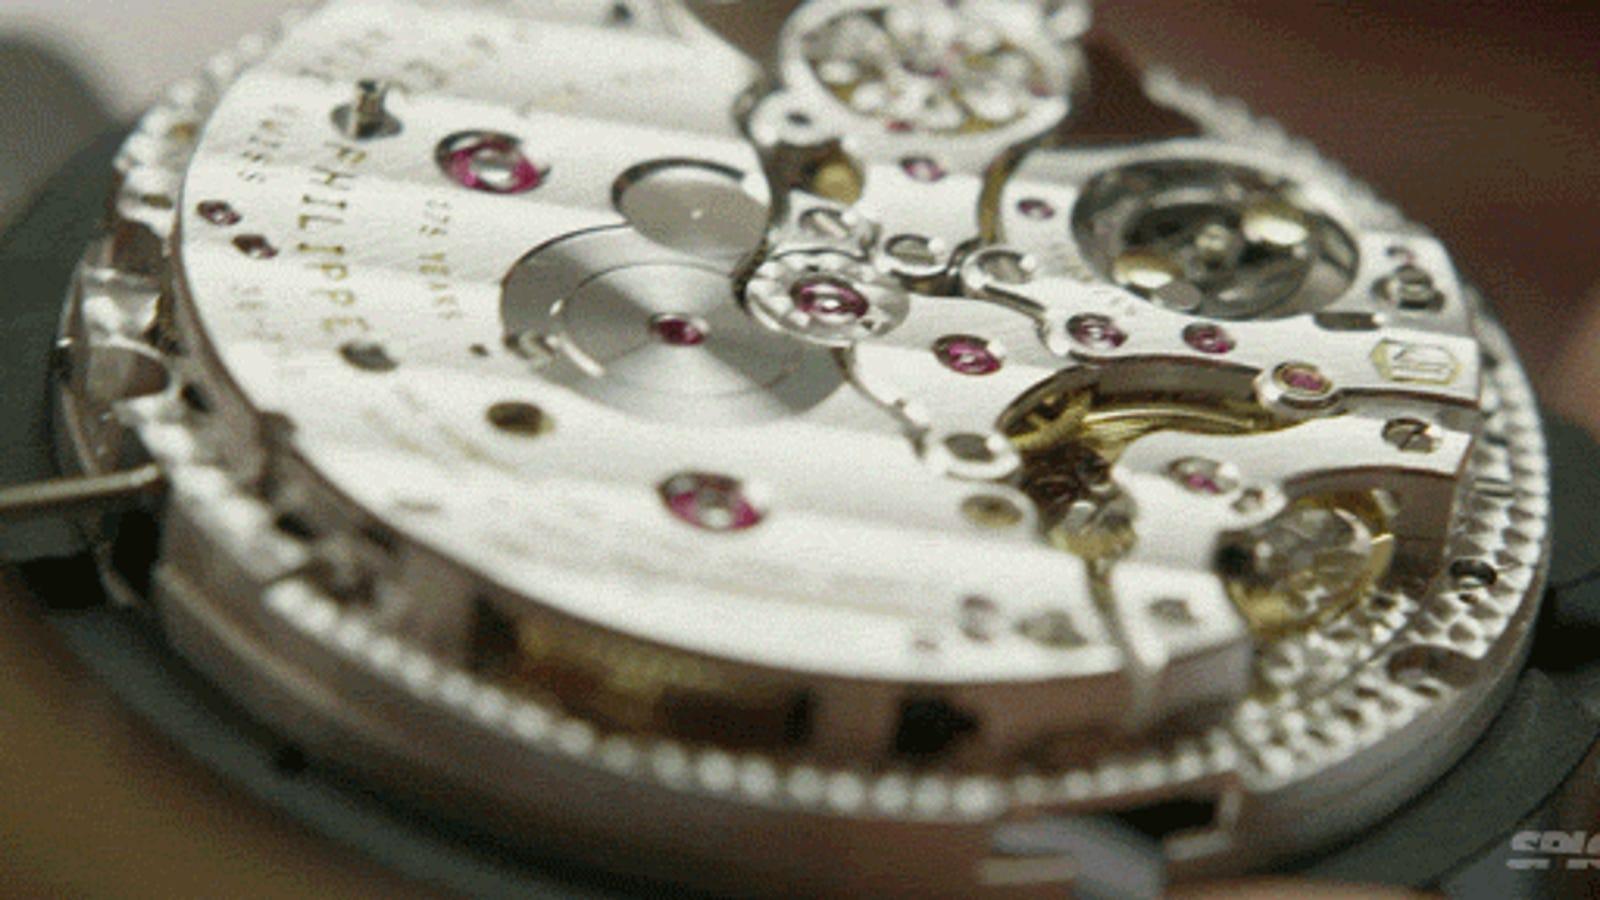 Cómo se fabrica uno de los relojes más complejos (y caros) del mundo